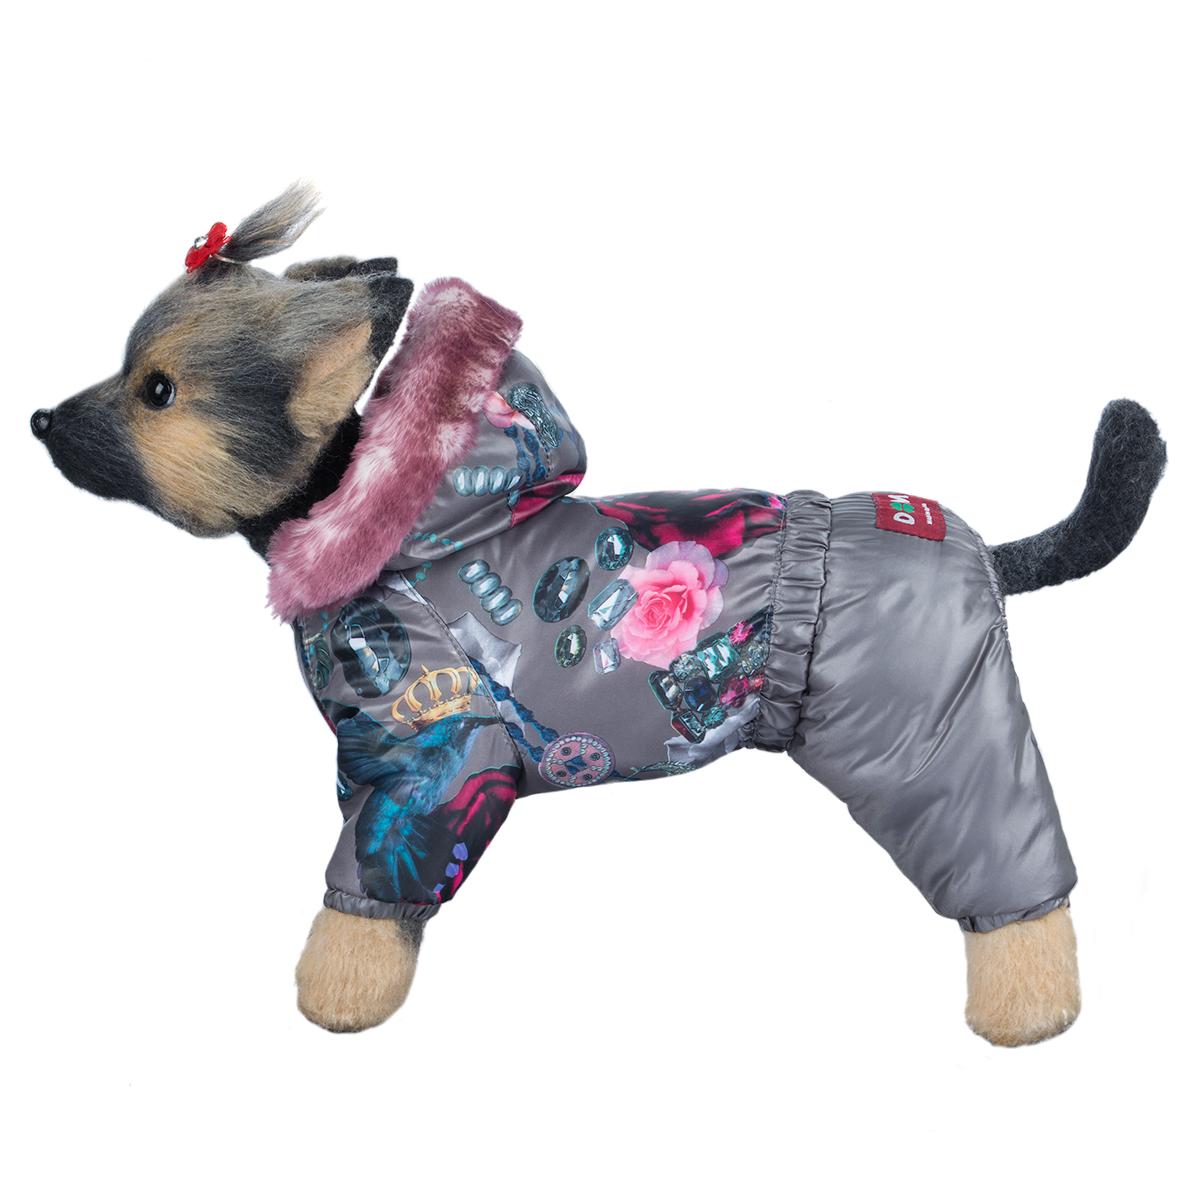 Комбинезон для собак Dogmoda Гламур, для девочки. Размер 2 (M)0120710Зимний комбинезон для собак Dogmoda Гламурr предназначен для собачек женского пола отлично подойдет для прогулок в зимнее время года. Комбинезон изготовлен из полиэстера, защищающего от ветра и снега, с утеплителем из синтепона, который сохранит тепло даже в сильные морозы, а на подкладке используется искусственный мех, который обеспечивает отличный воздухообмен. Комбинезон с капюшоном застегивается на кнопки, благодаря чему его легко надевать и снимать. Капюшон украшен искусственным мехом и не отстегивается. Низ рукавов и брючин оснащен внутренними резинками, которые мягко обхватывают лапки, не позволяя просачиваться холодному воздуху. На пояснице комбинезон затягивается на шнурок-кулиску. Благодаря такому комбинезону простуда не грозит вашему питомцу.